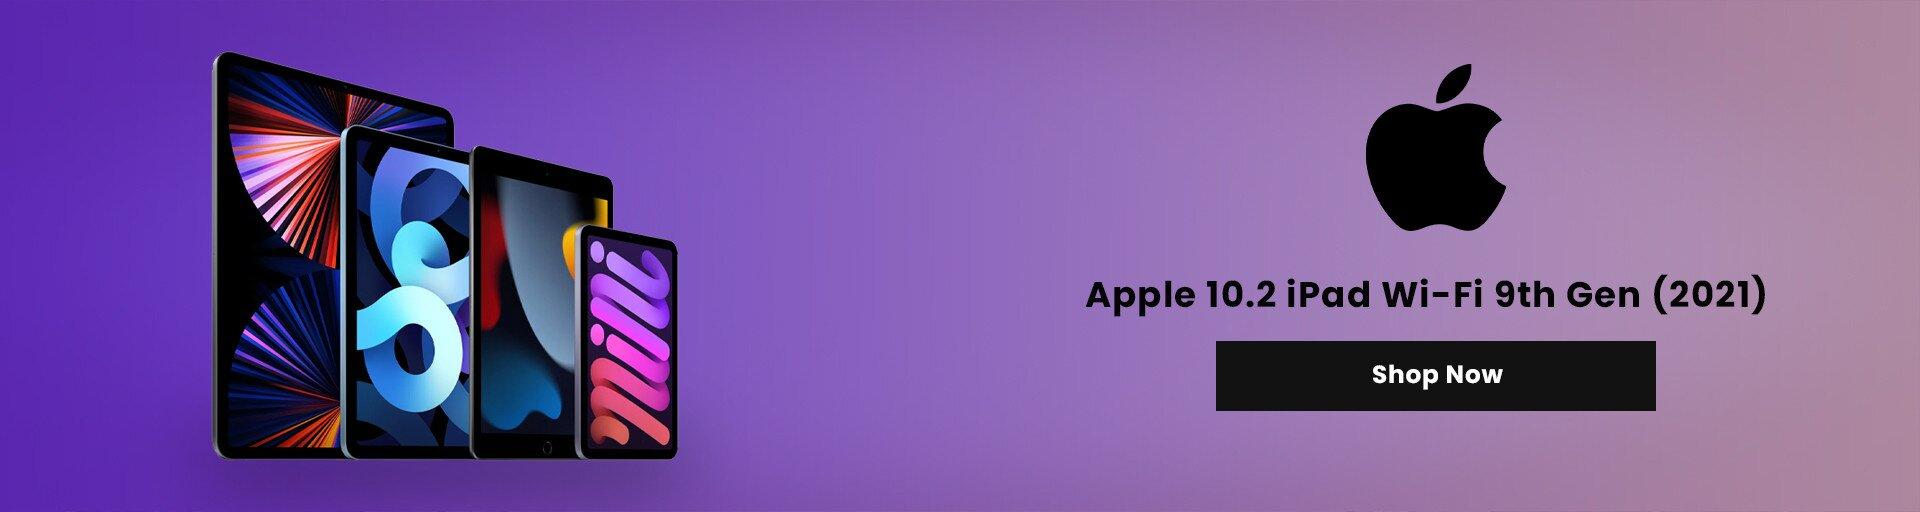 Apple 10.2″ iPad Wi-Fi 9th Gen (2021)